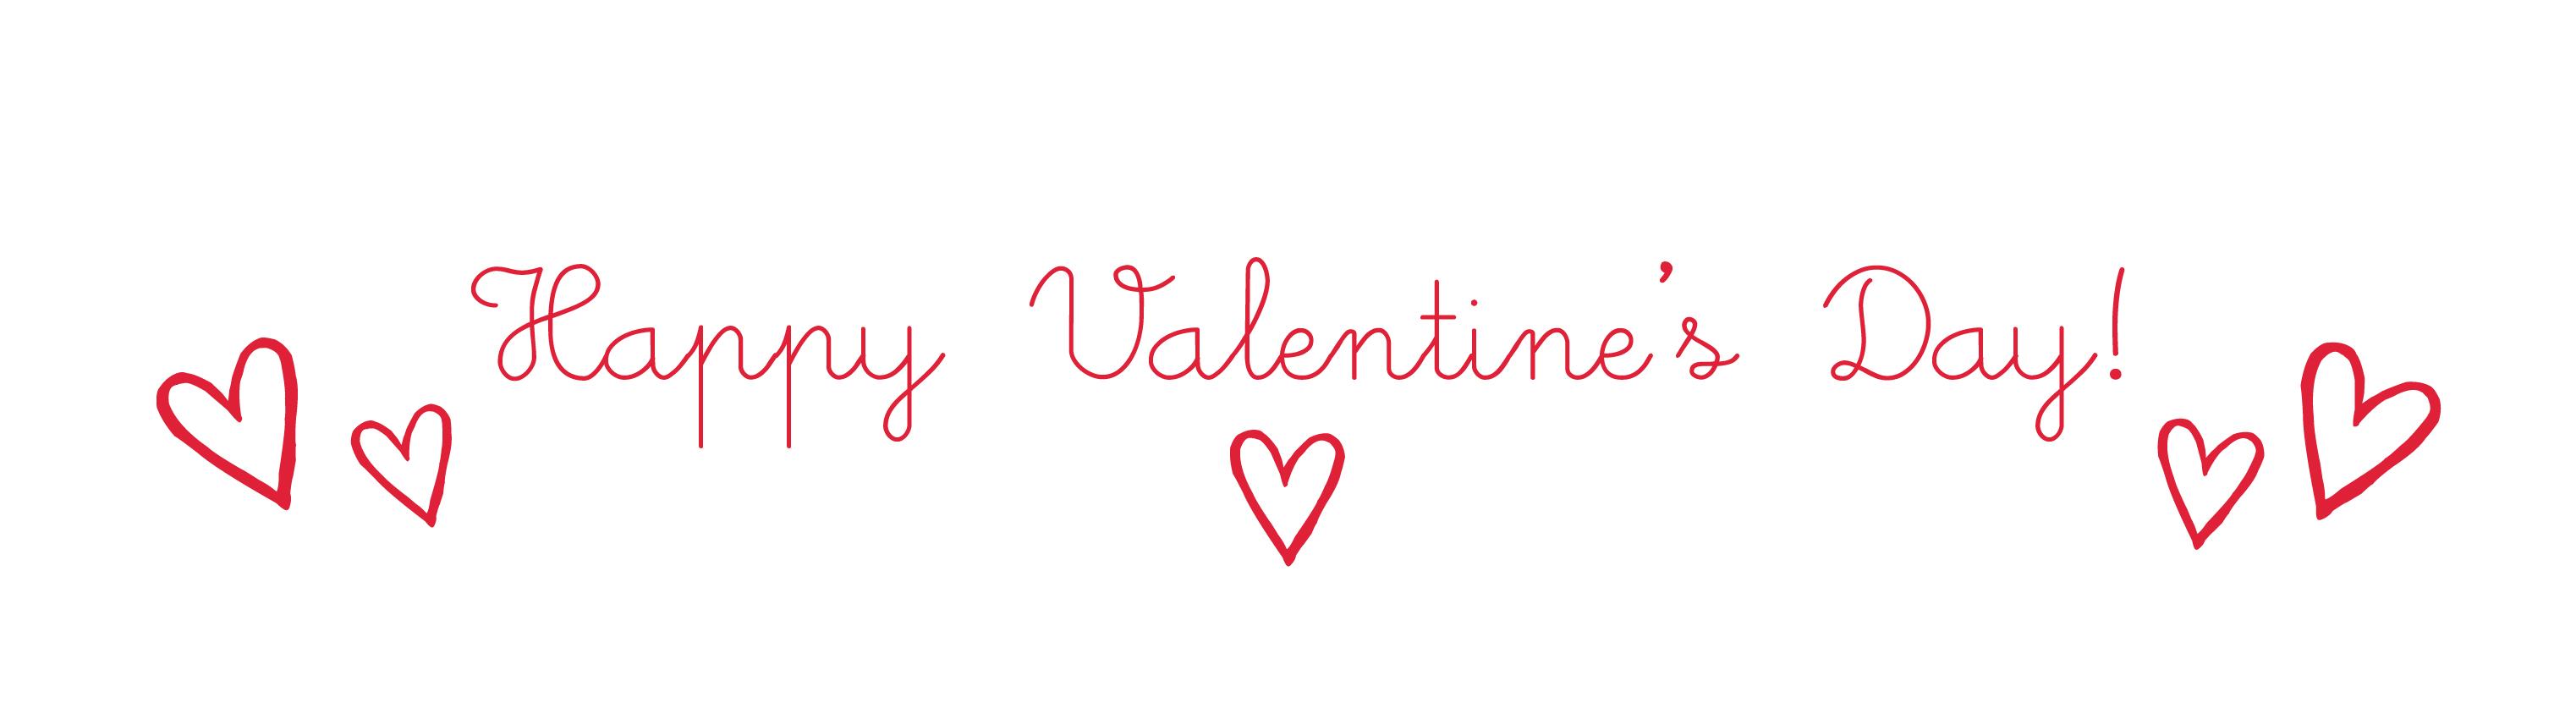 Valentines day clip art banner.